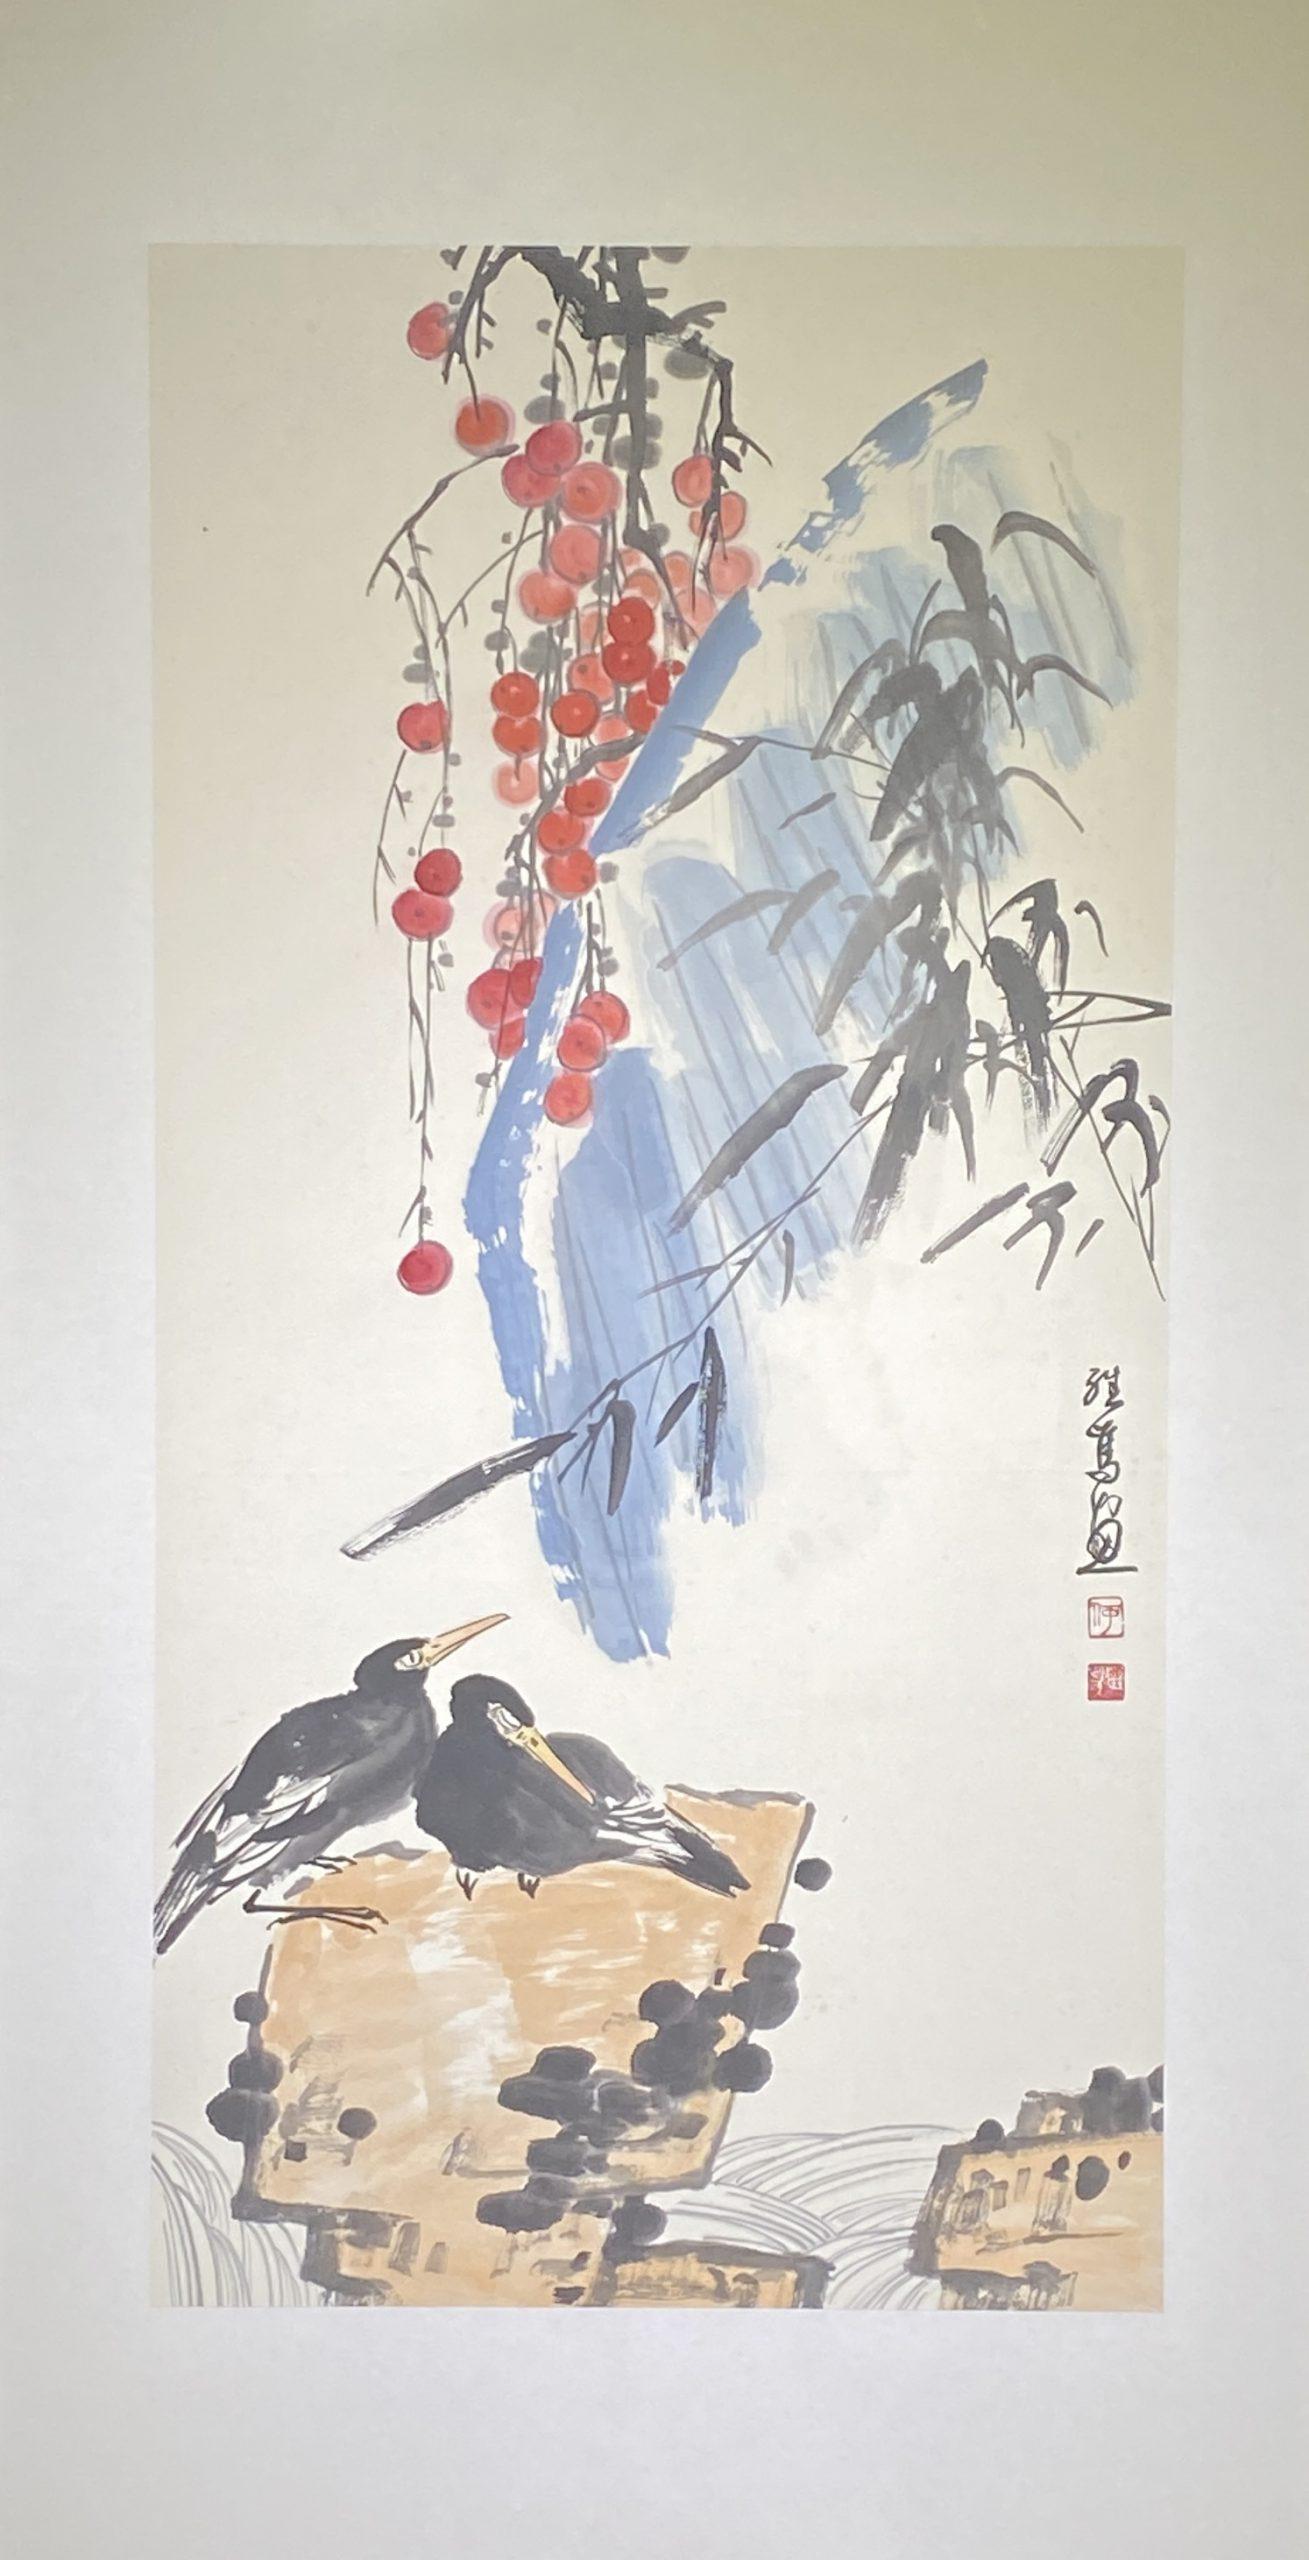 芭蕉双禽-1992-中国画-137×69cm-「丹青を振りかけ、詩情を送る-何継篤個人書画展」成都市美術館